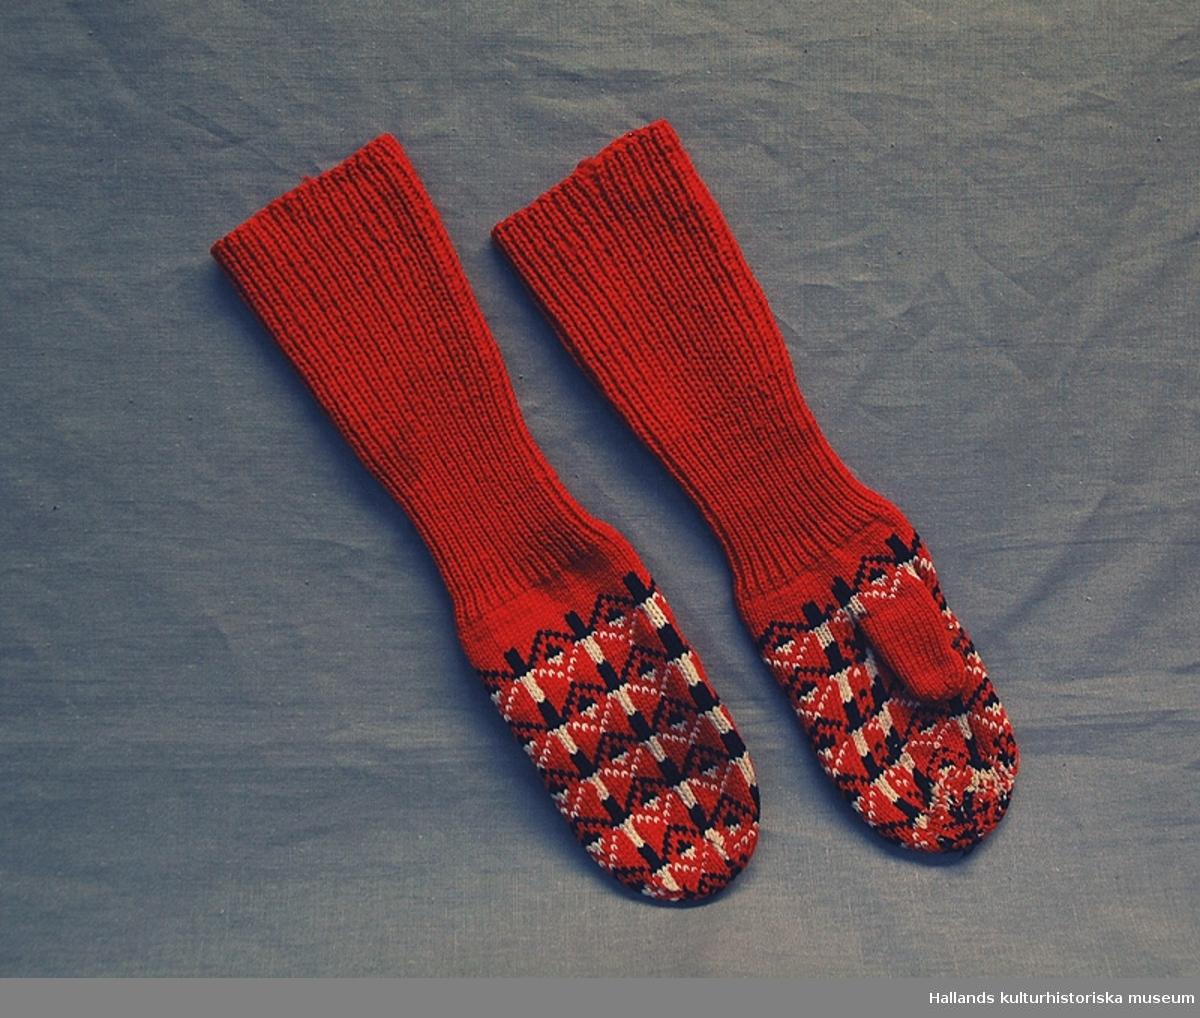 Tumvantar. Binge-stickning i rött, svart och naturvitt garn. Mönstret är en variant på Bjärebobård. Teknik: Binge-stickning, Bjärebobård.